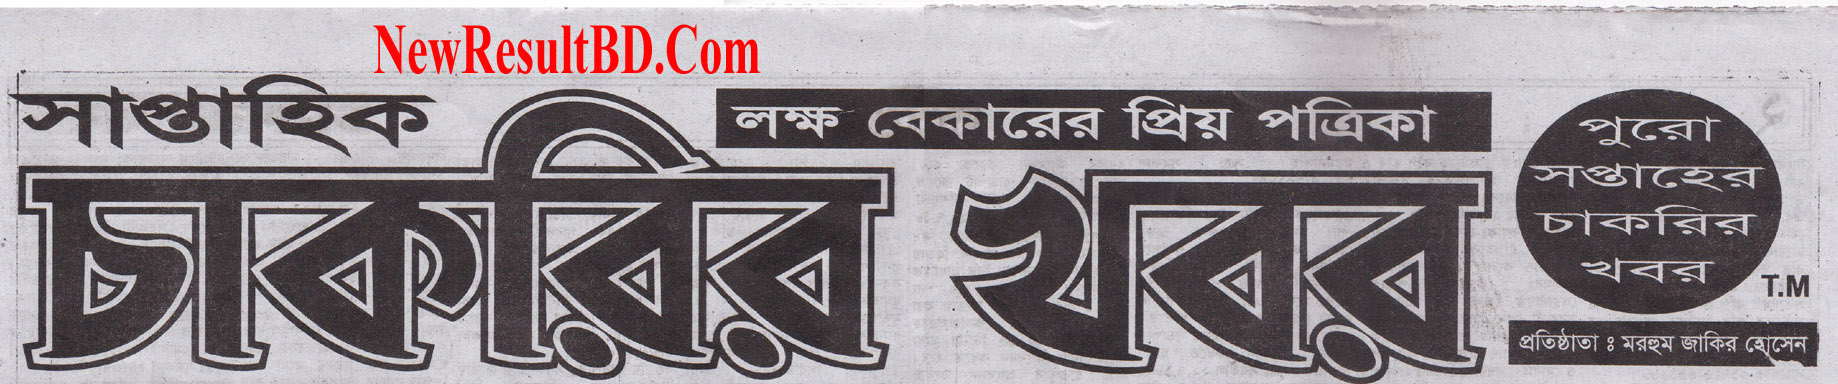 সাপ্তাহিক চাকরির খবর - Weekly Jobs Newspaper